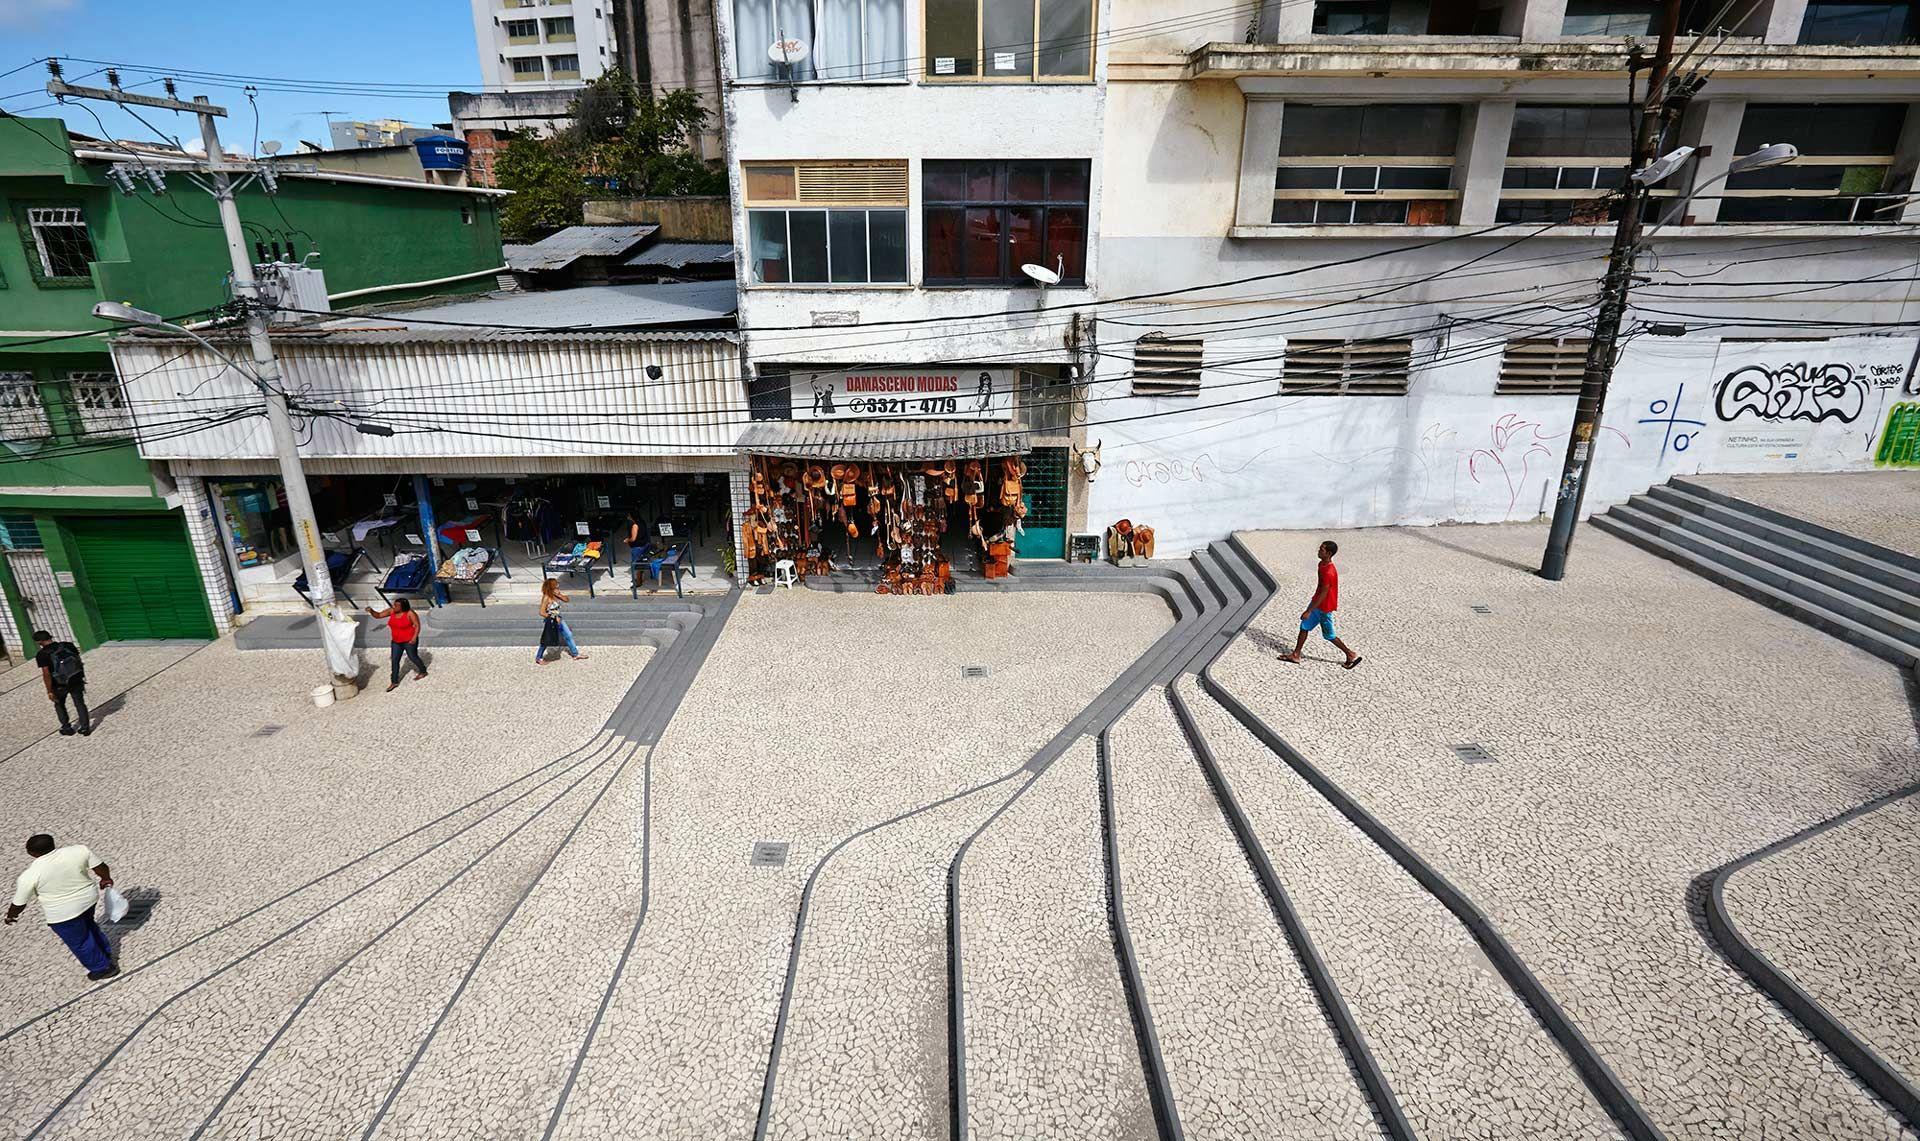 Ladeira_da_Barroquinha-Urban-Staircase-Brazil-Metro_Arquitectos-02 ...